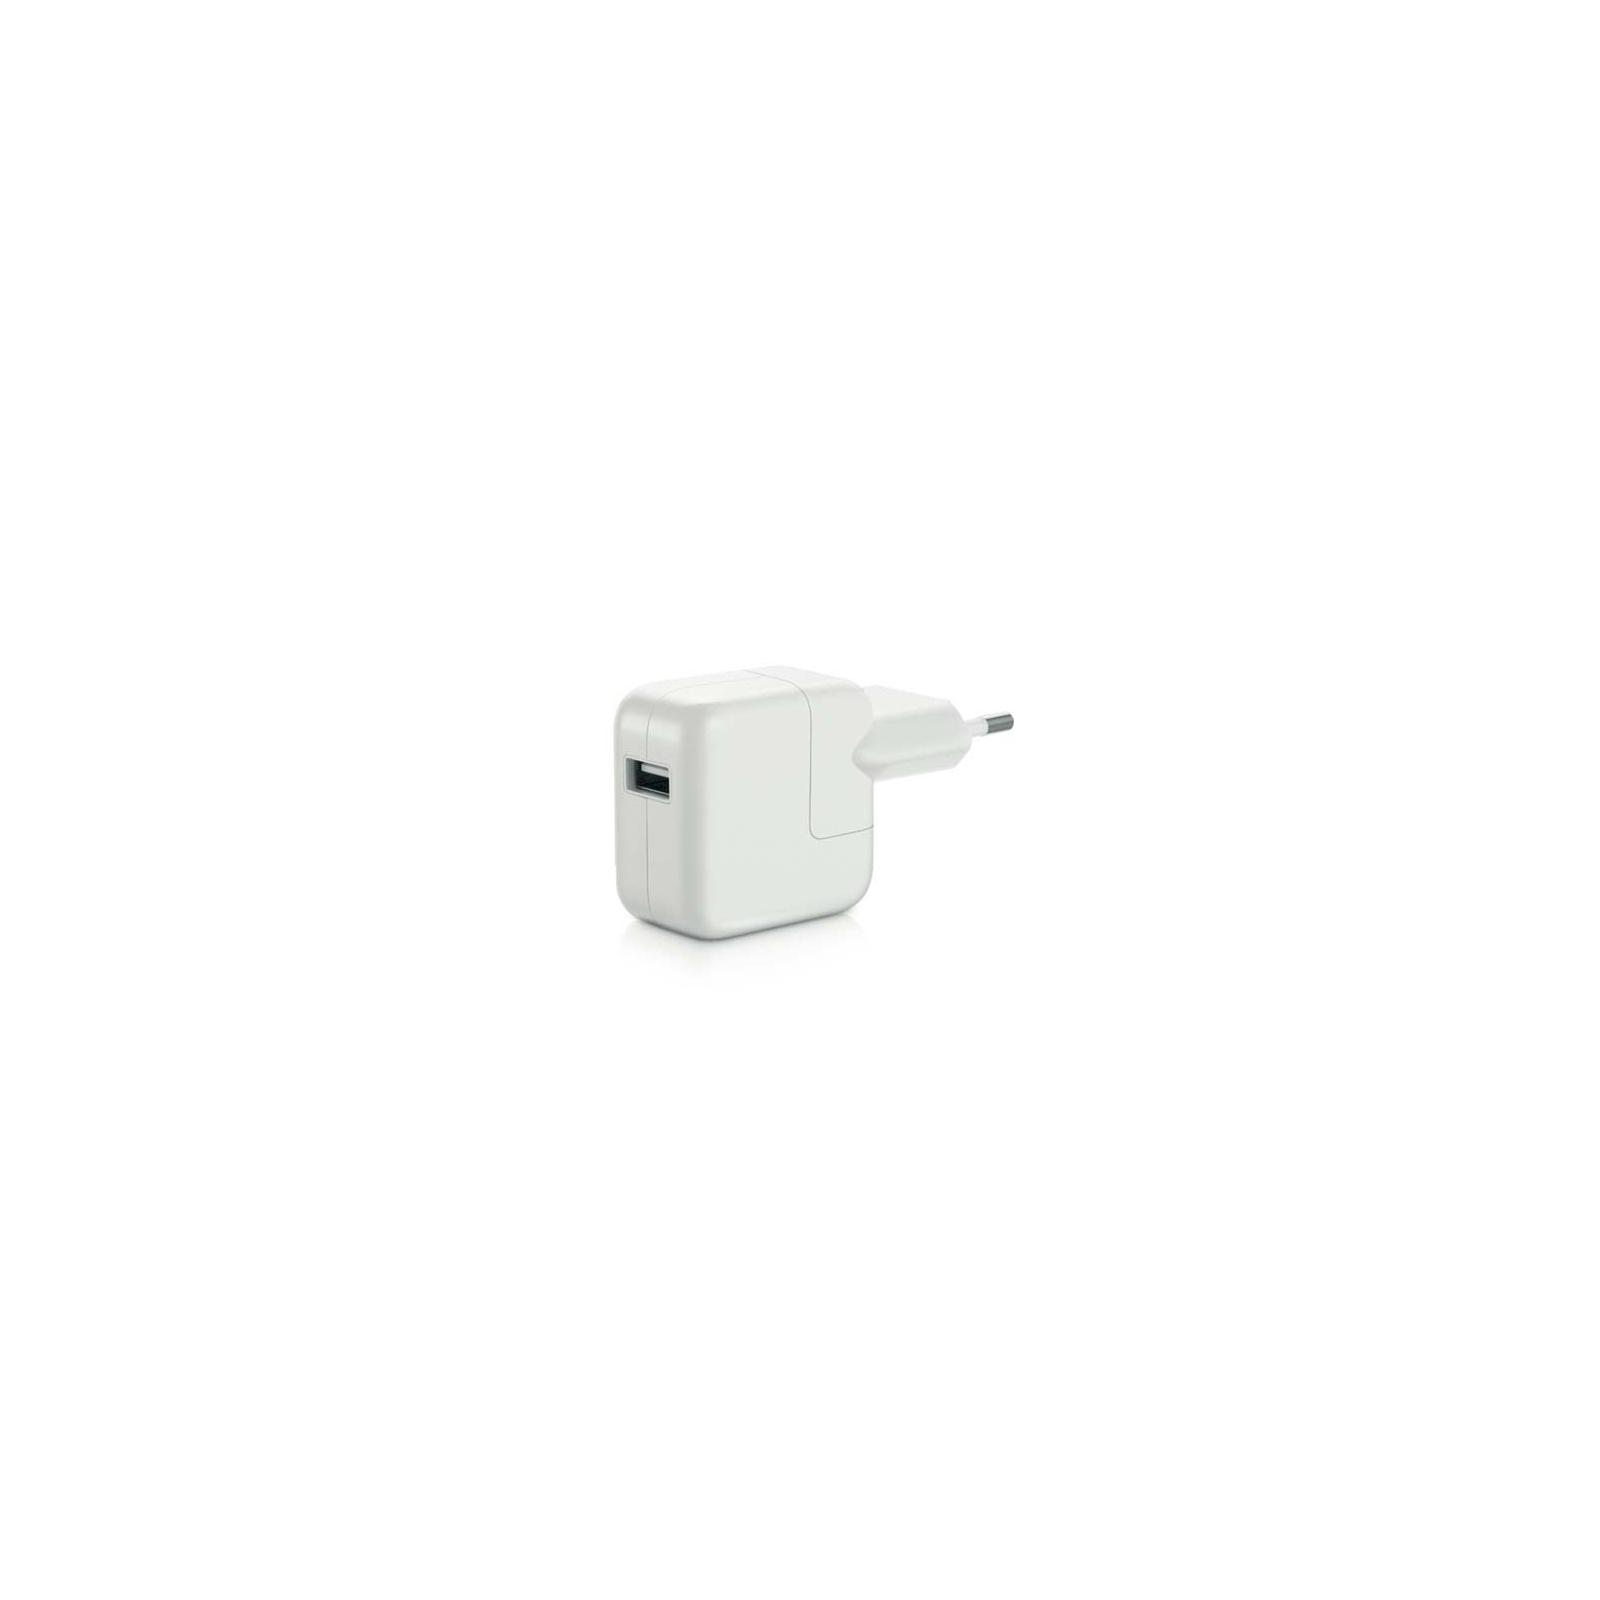 Зарядное устройство USB Power Adapter Apple (MB707ZM/B)